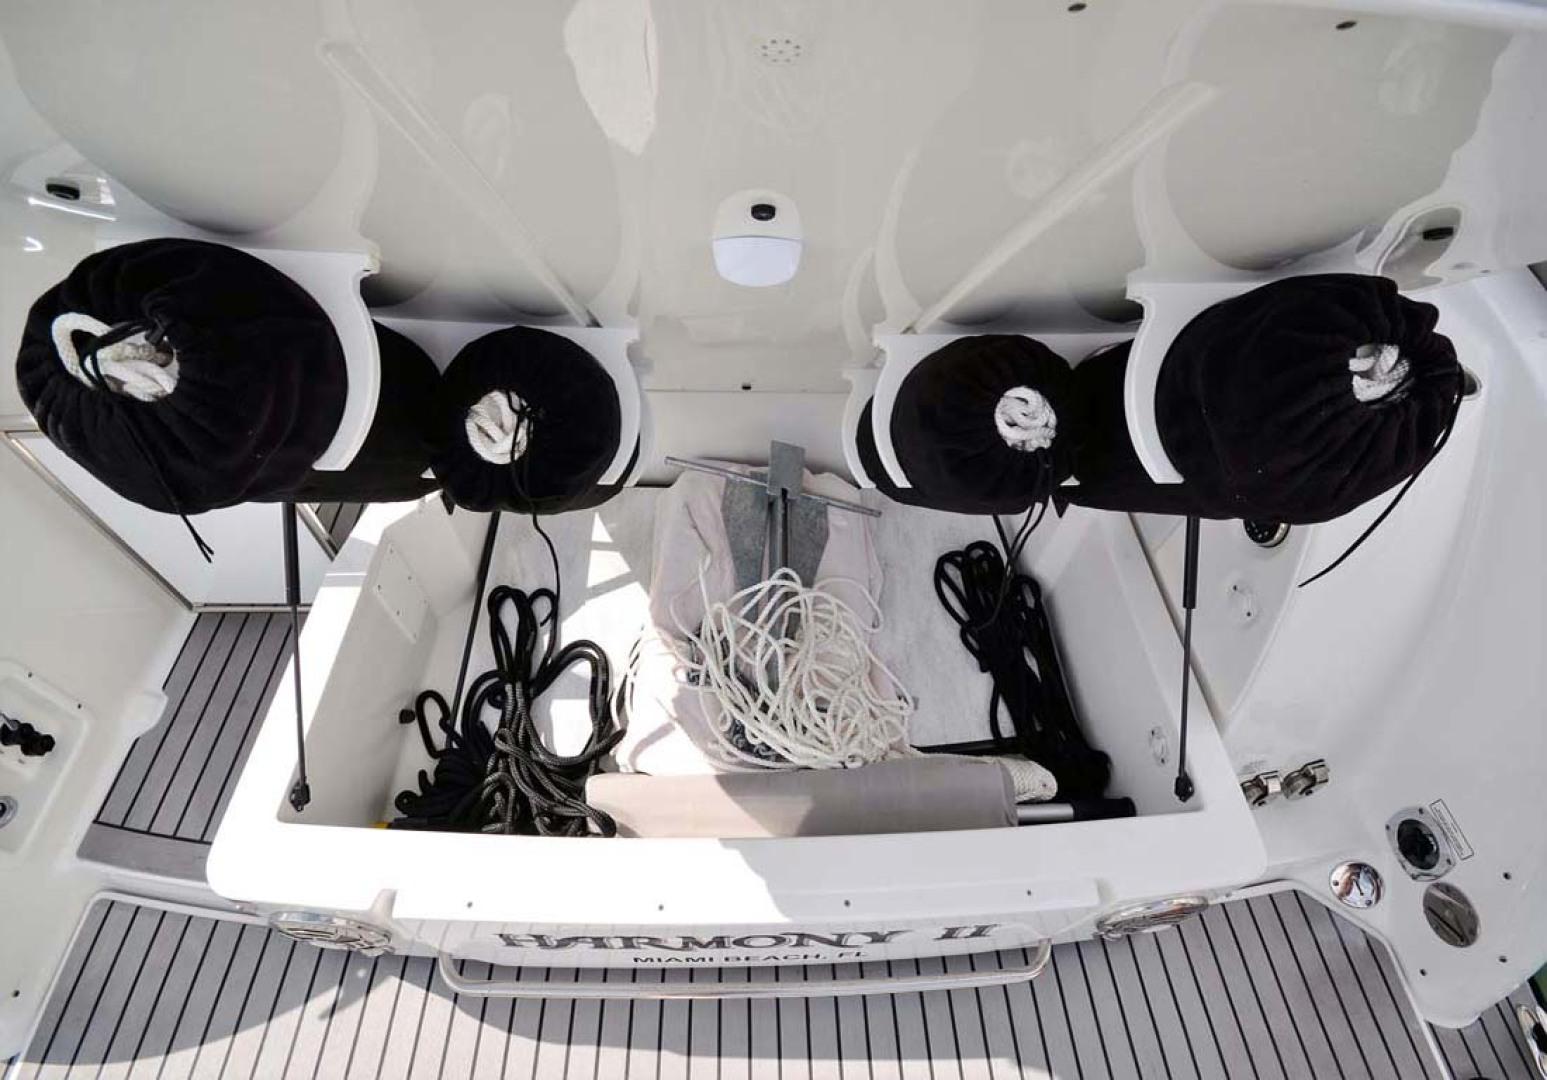 Formula-31-PC-2018-Harmony-II-Bay-Harbor-Islands-Florida-United-States-Fender-Storage-Under-Lounge-1086558